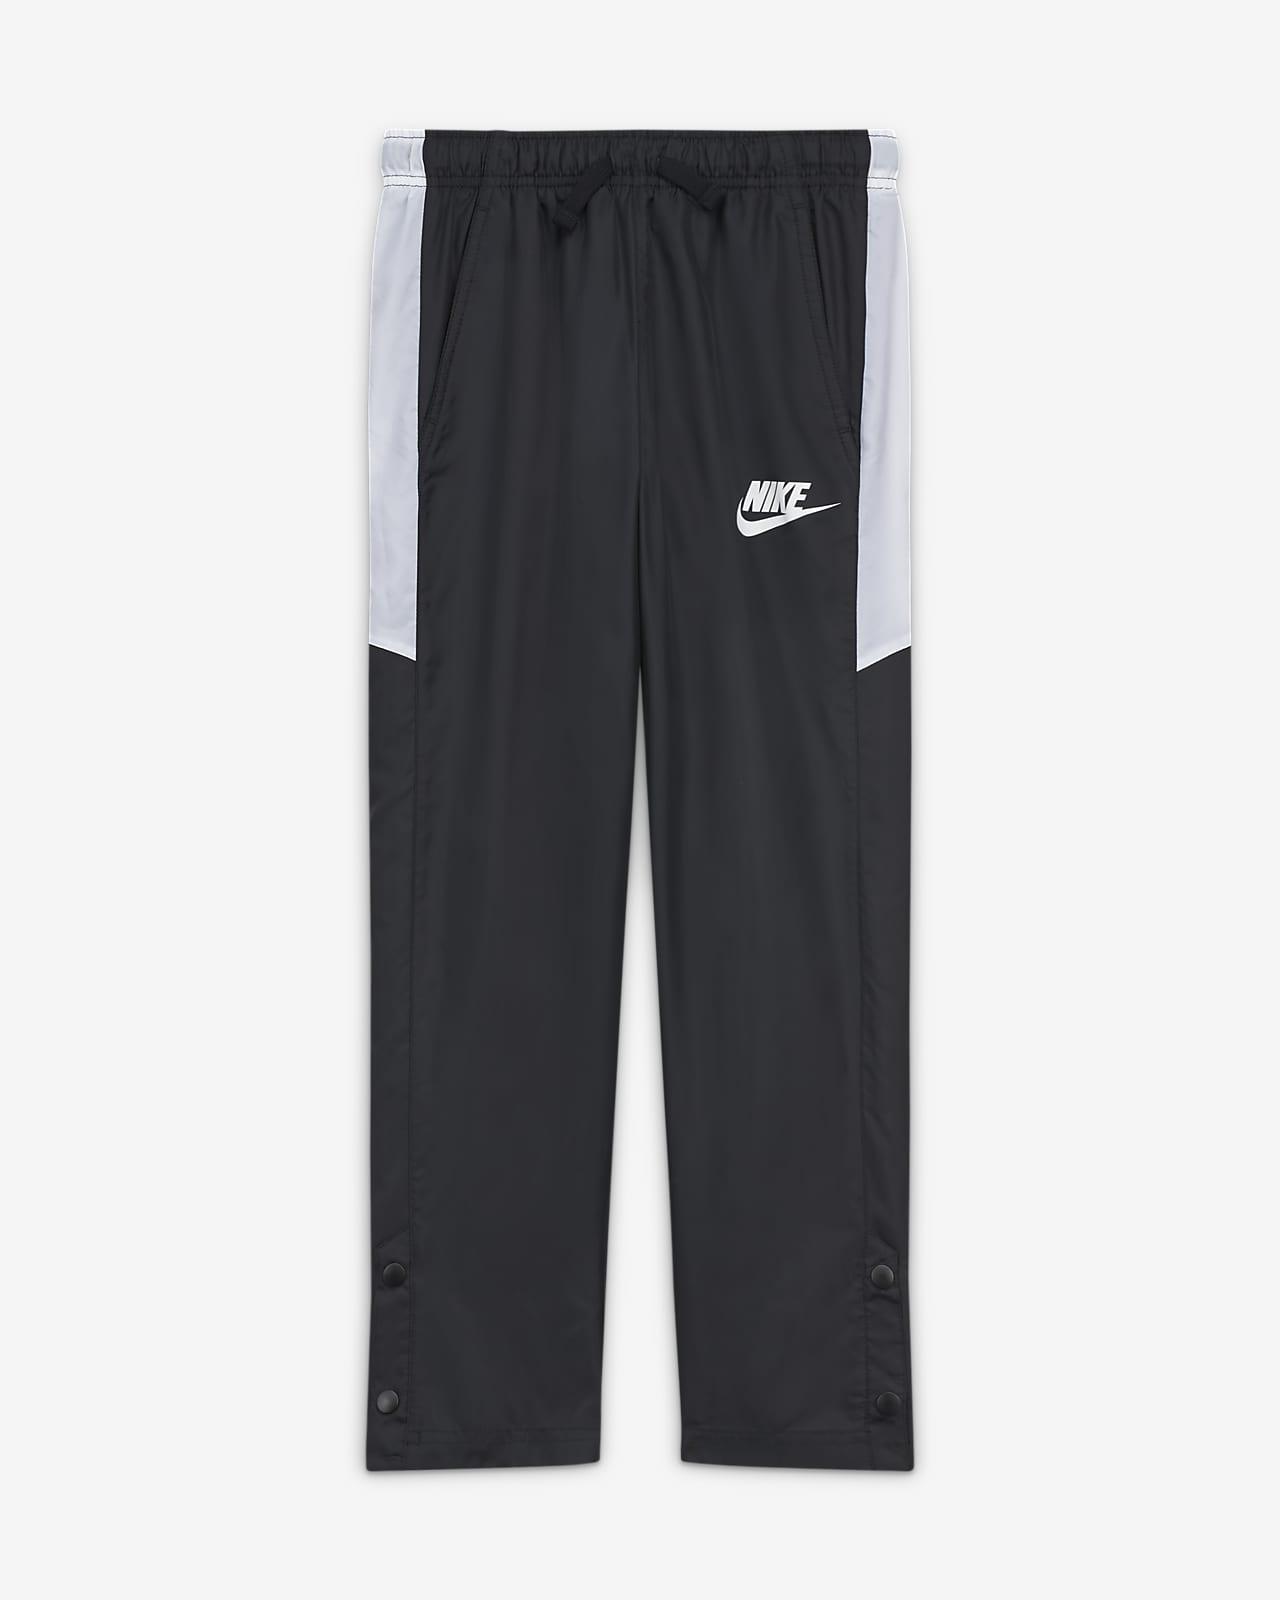 Nike Sportswear Dokuma Genç Çocuk (Erkek) Eşofman Altı